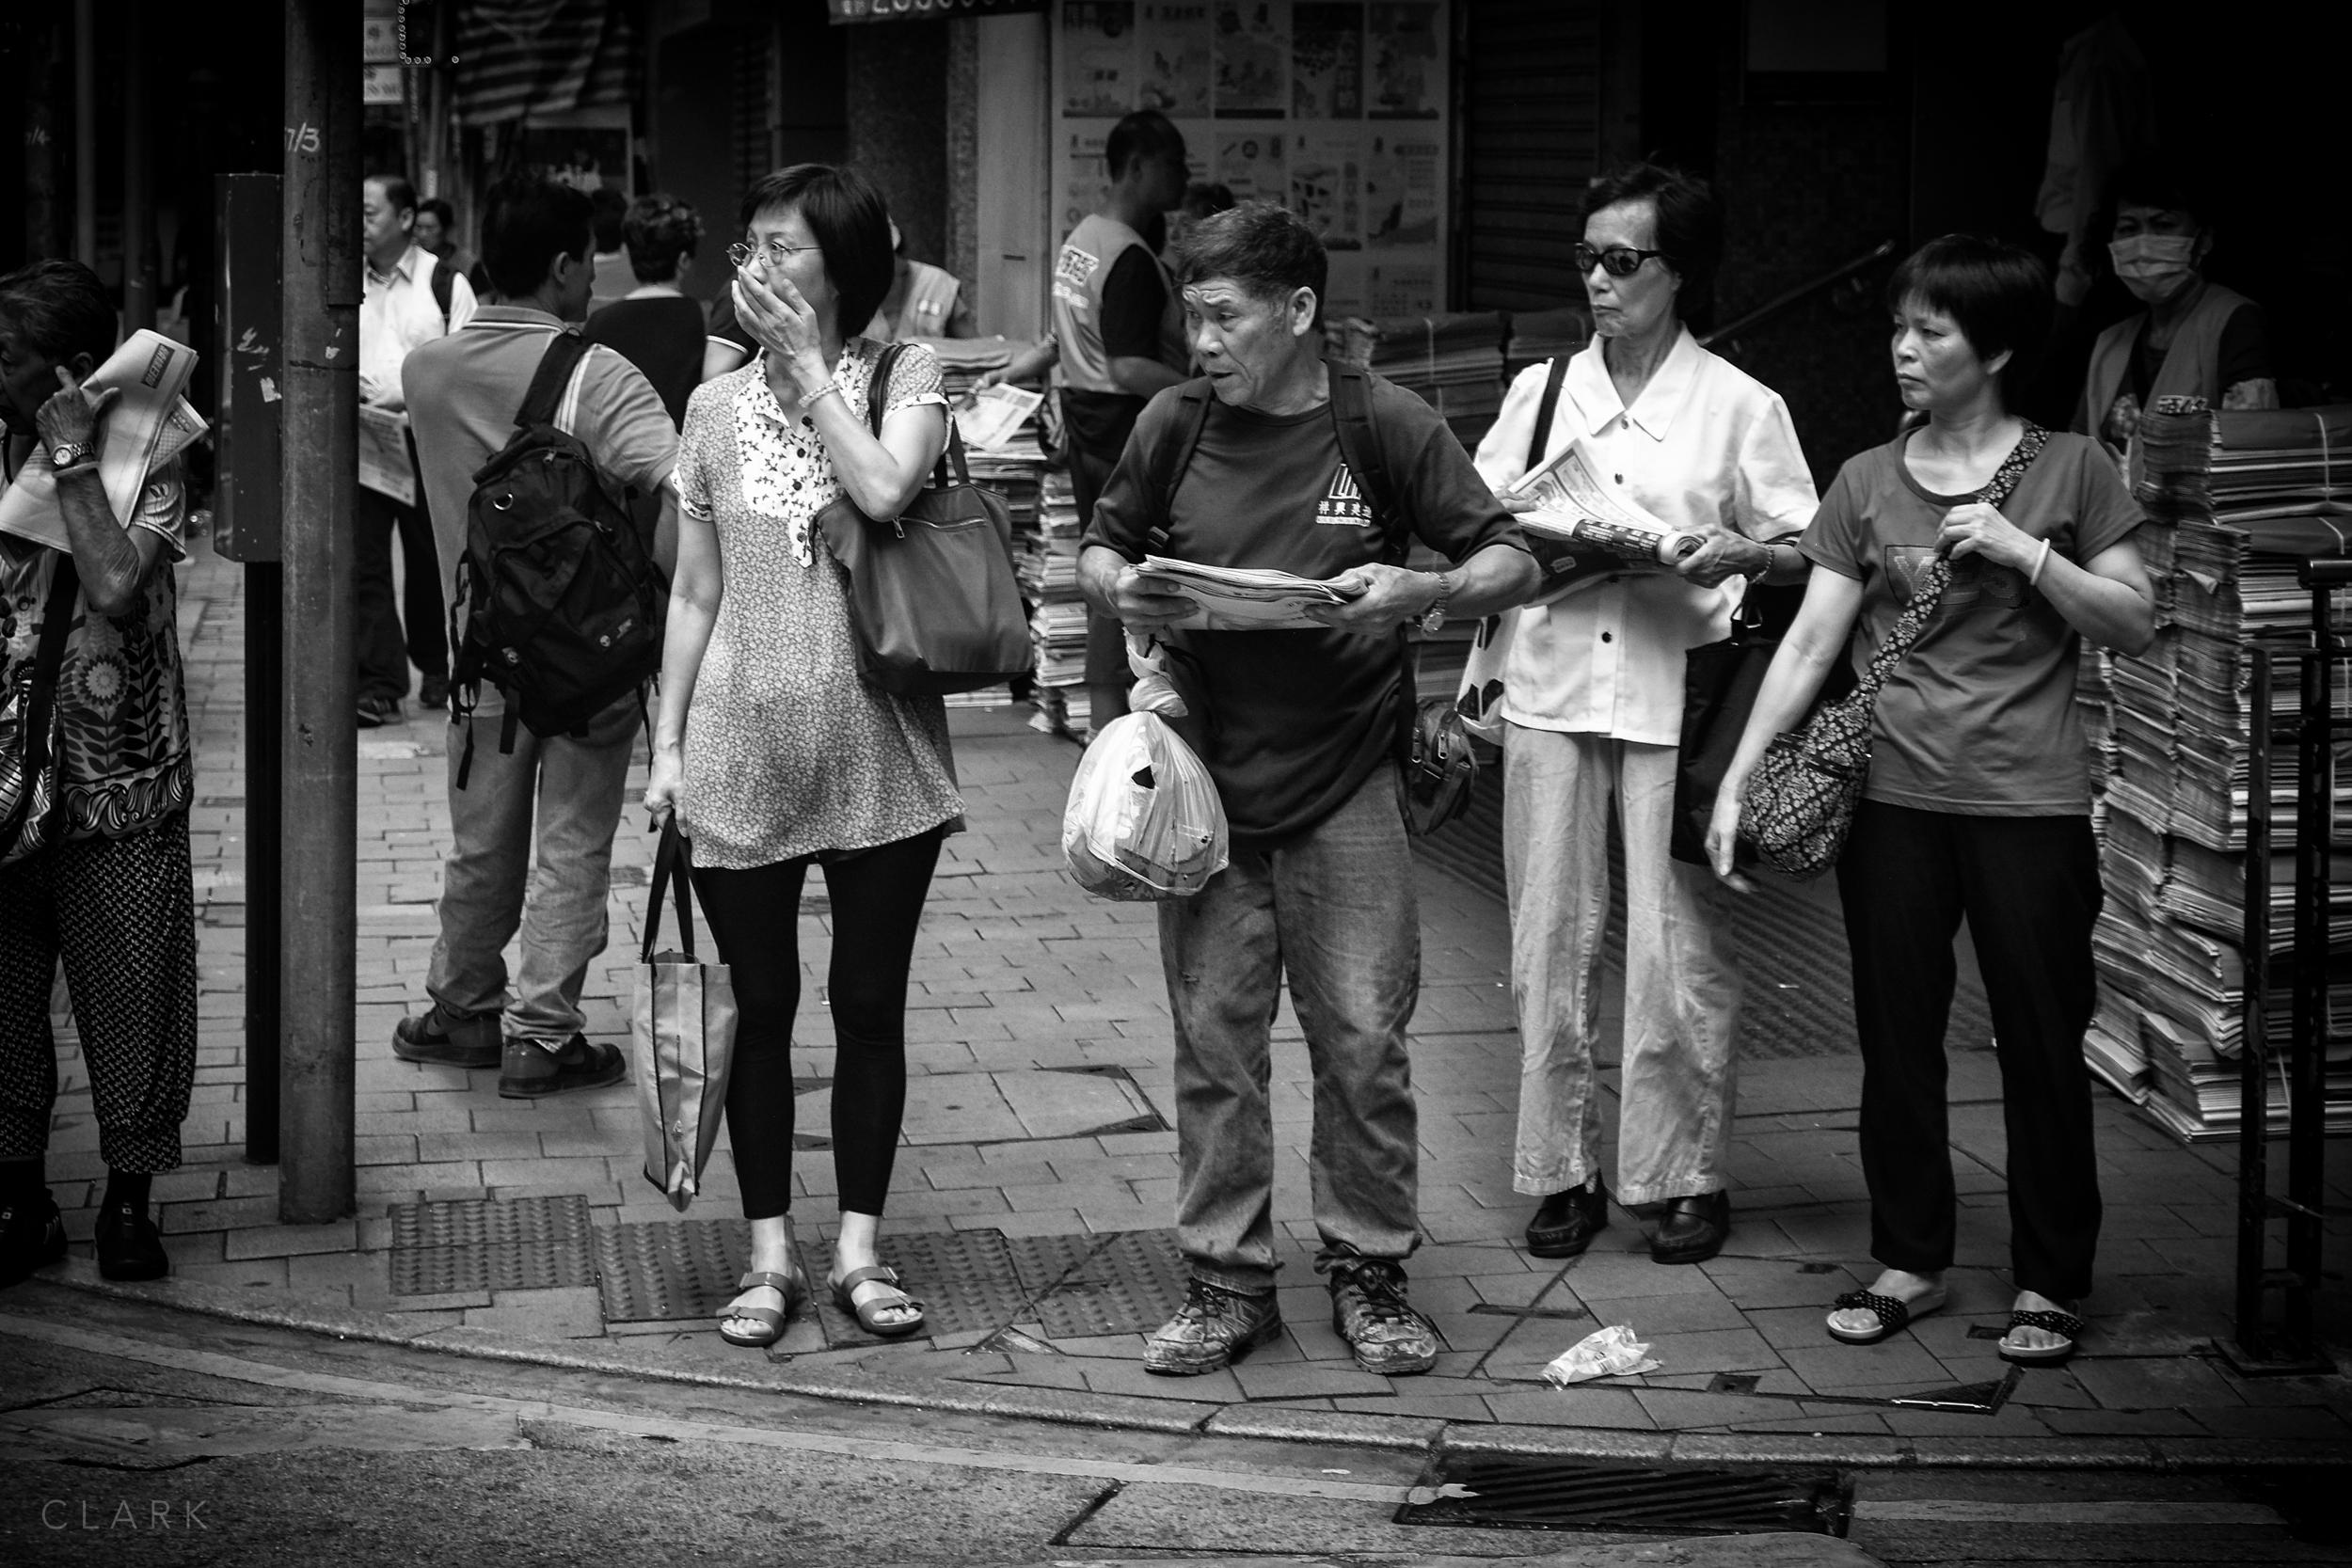 004_DerekClarkPhoto-Street_Portfolio.jpg